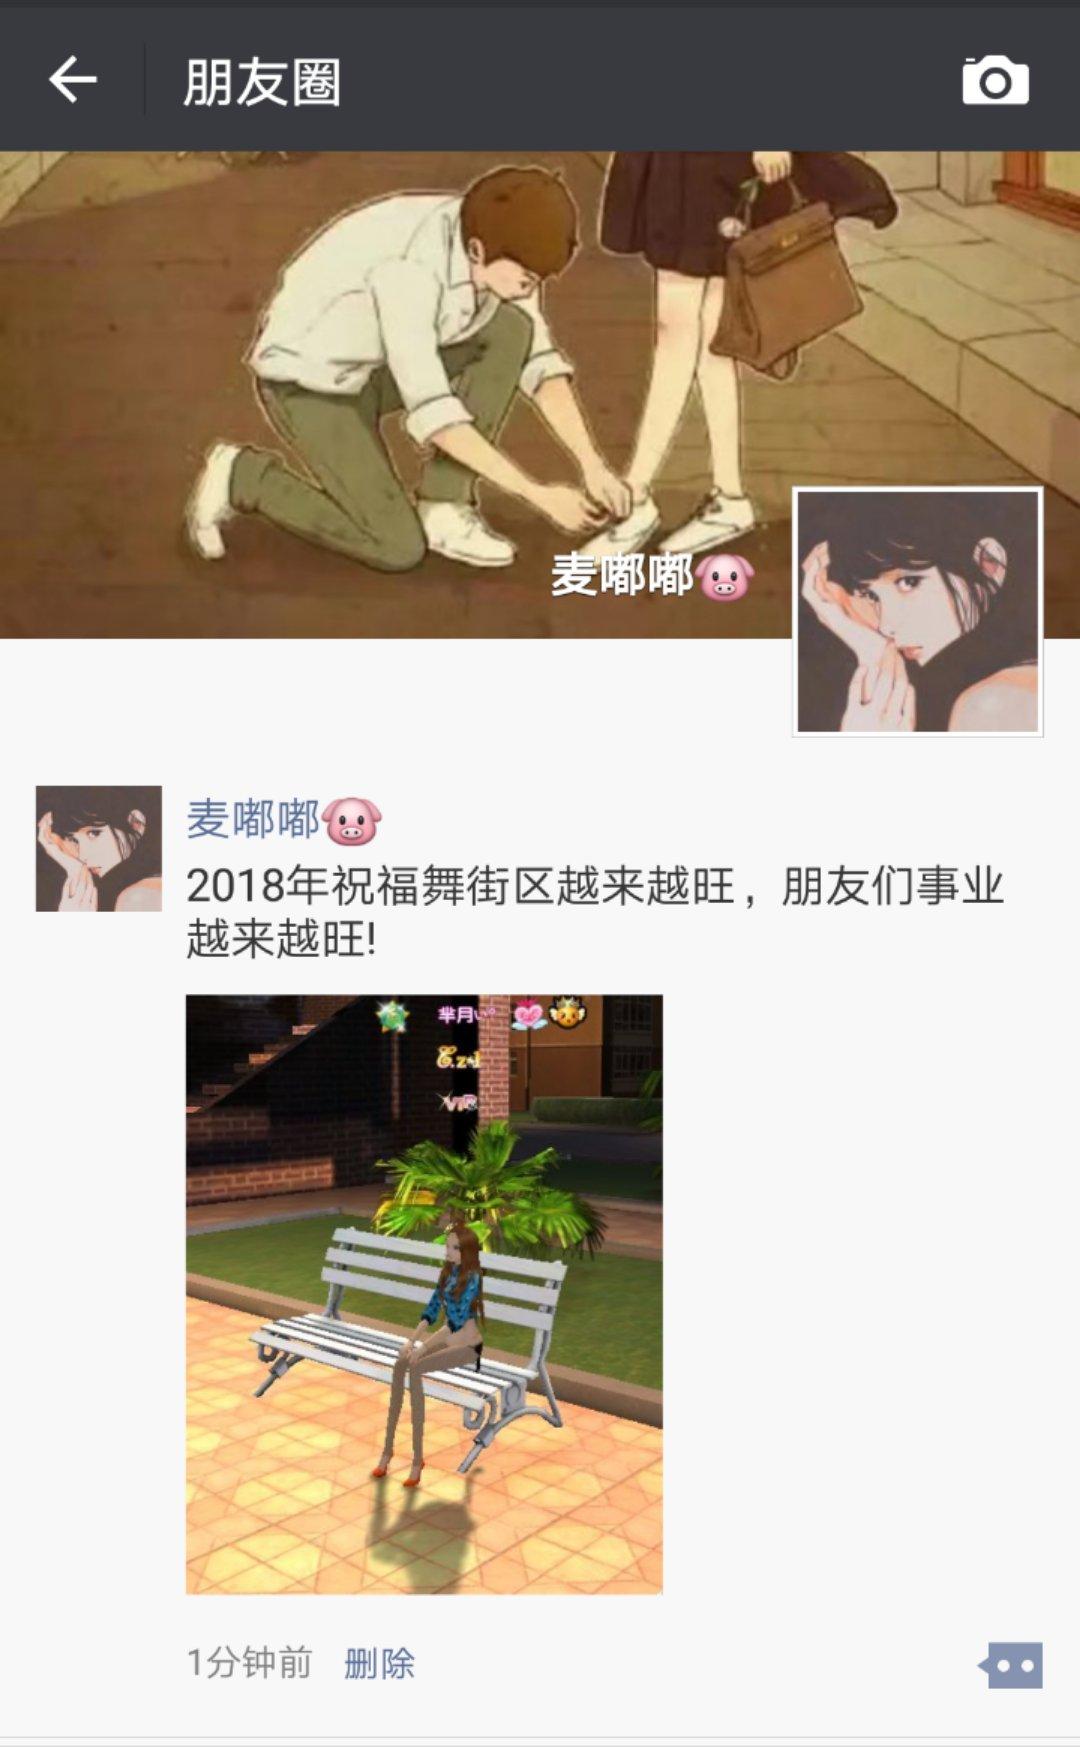 微信图片_20180208204846.jpg